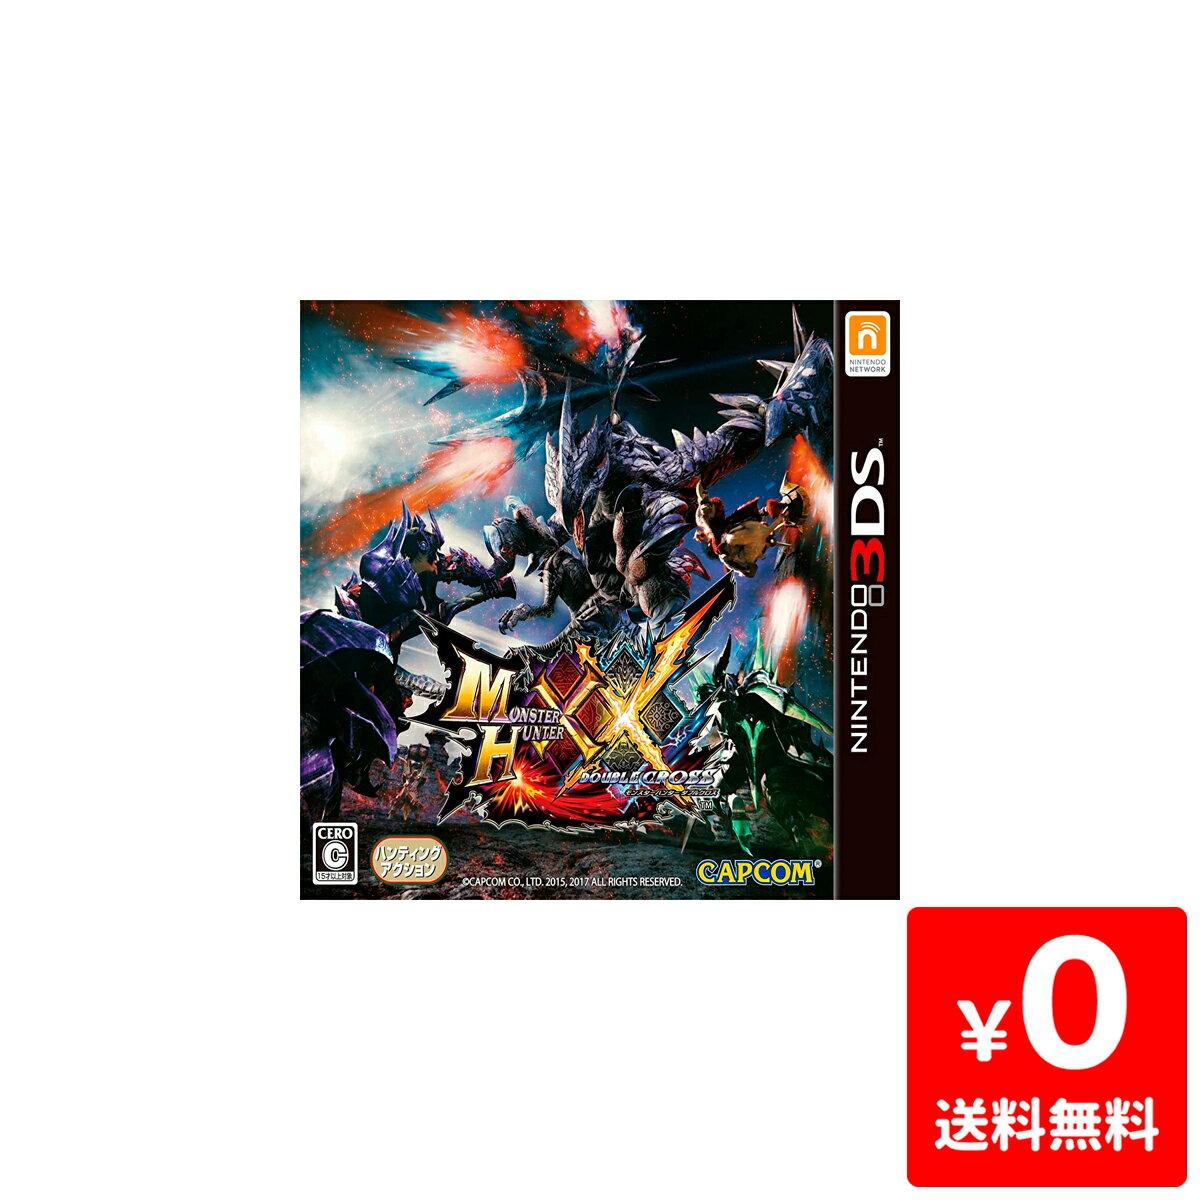 3DS ニンテンドー3DS モンスターハンターダブルクロス ソフト ケースあり Nintendo 任天堂 ニンテンドー 中古 4976219080590 送料無料 【中古】